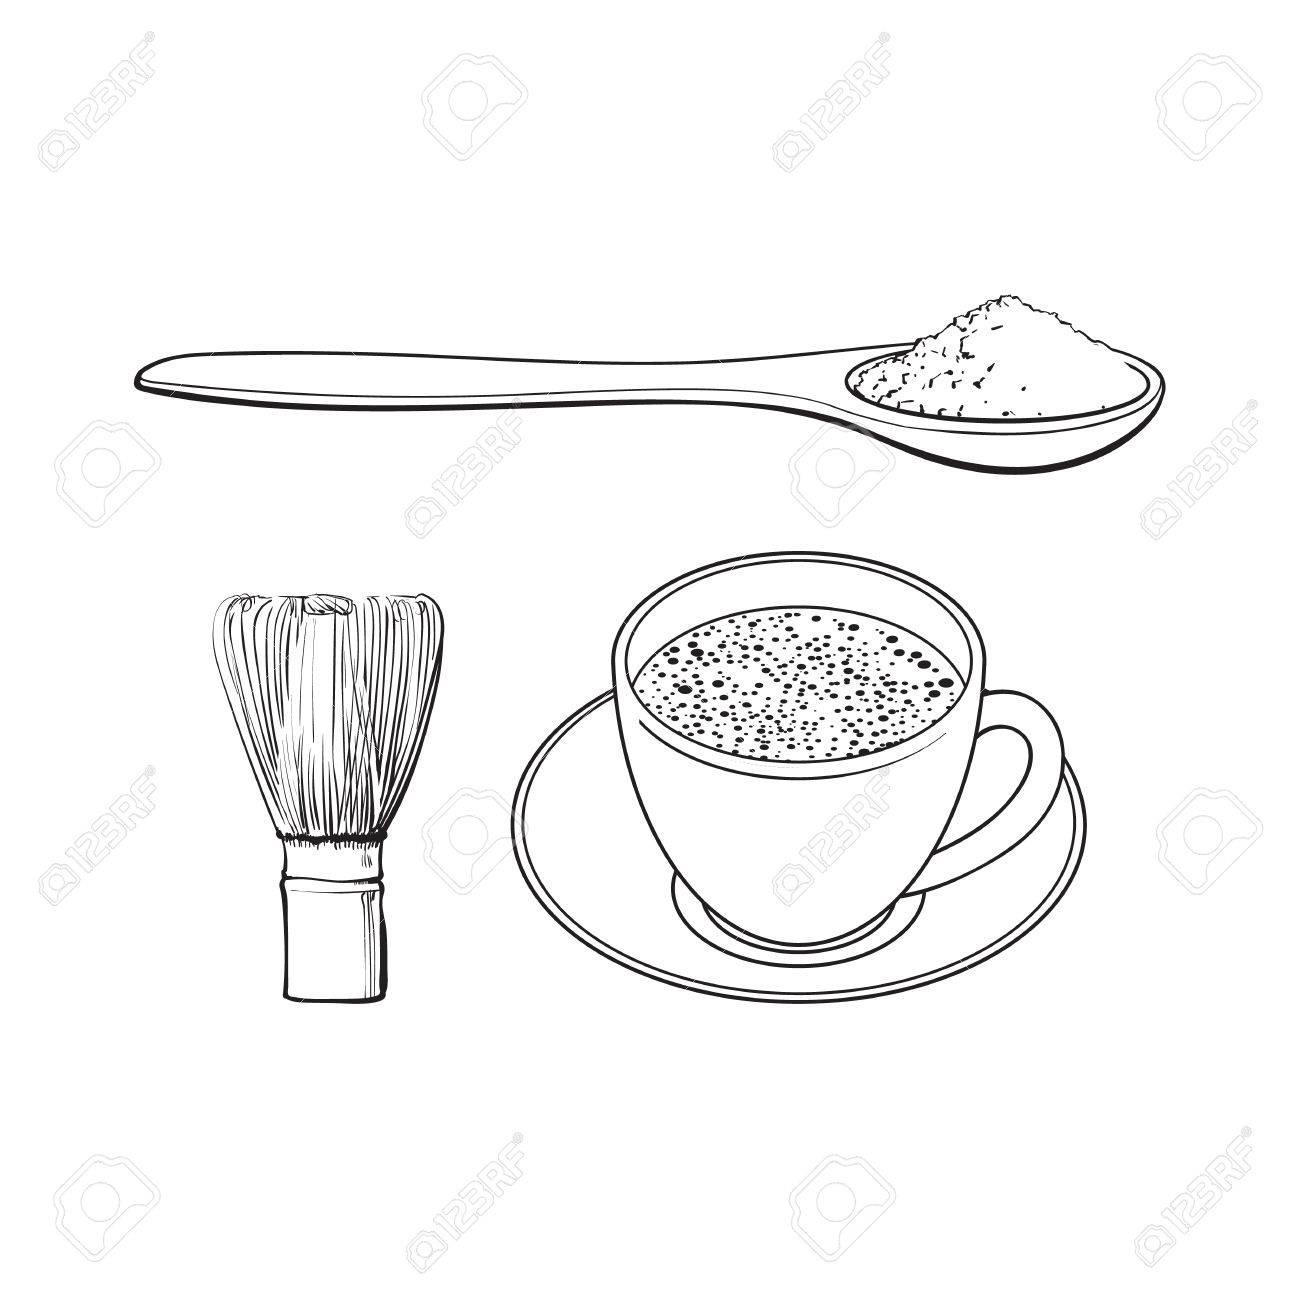 Desenho Preto E Branco Do Contorno Copo Ceramico Tirado Mao Dos